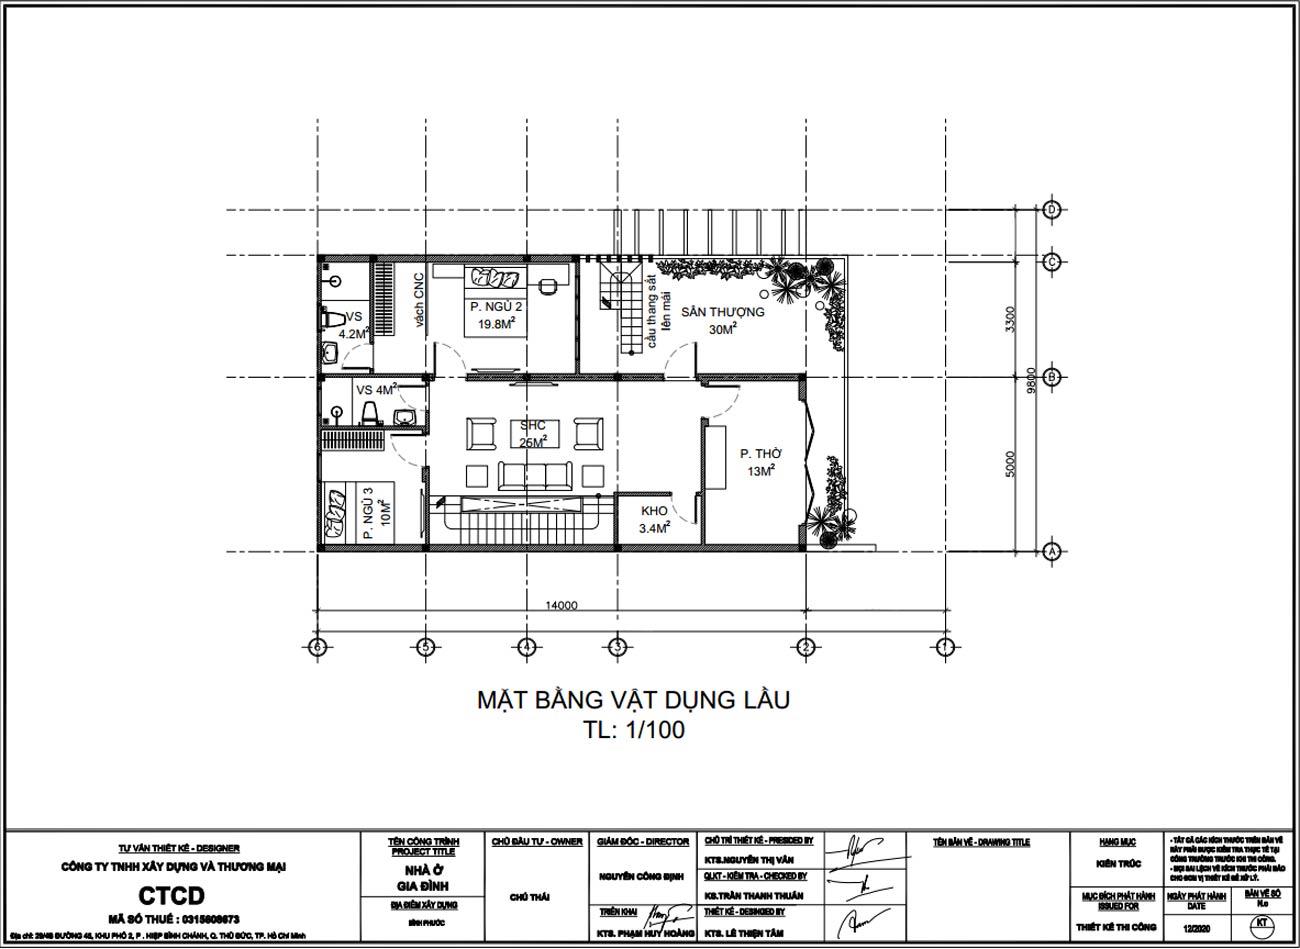 Mặt bằng công năng lầu 1 biệt thự 2 tầng 3 phòng ngủ